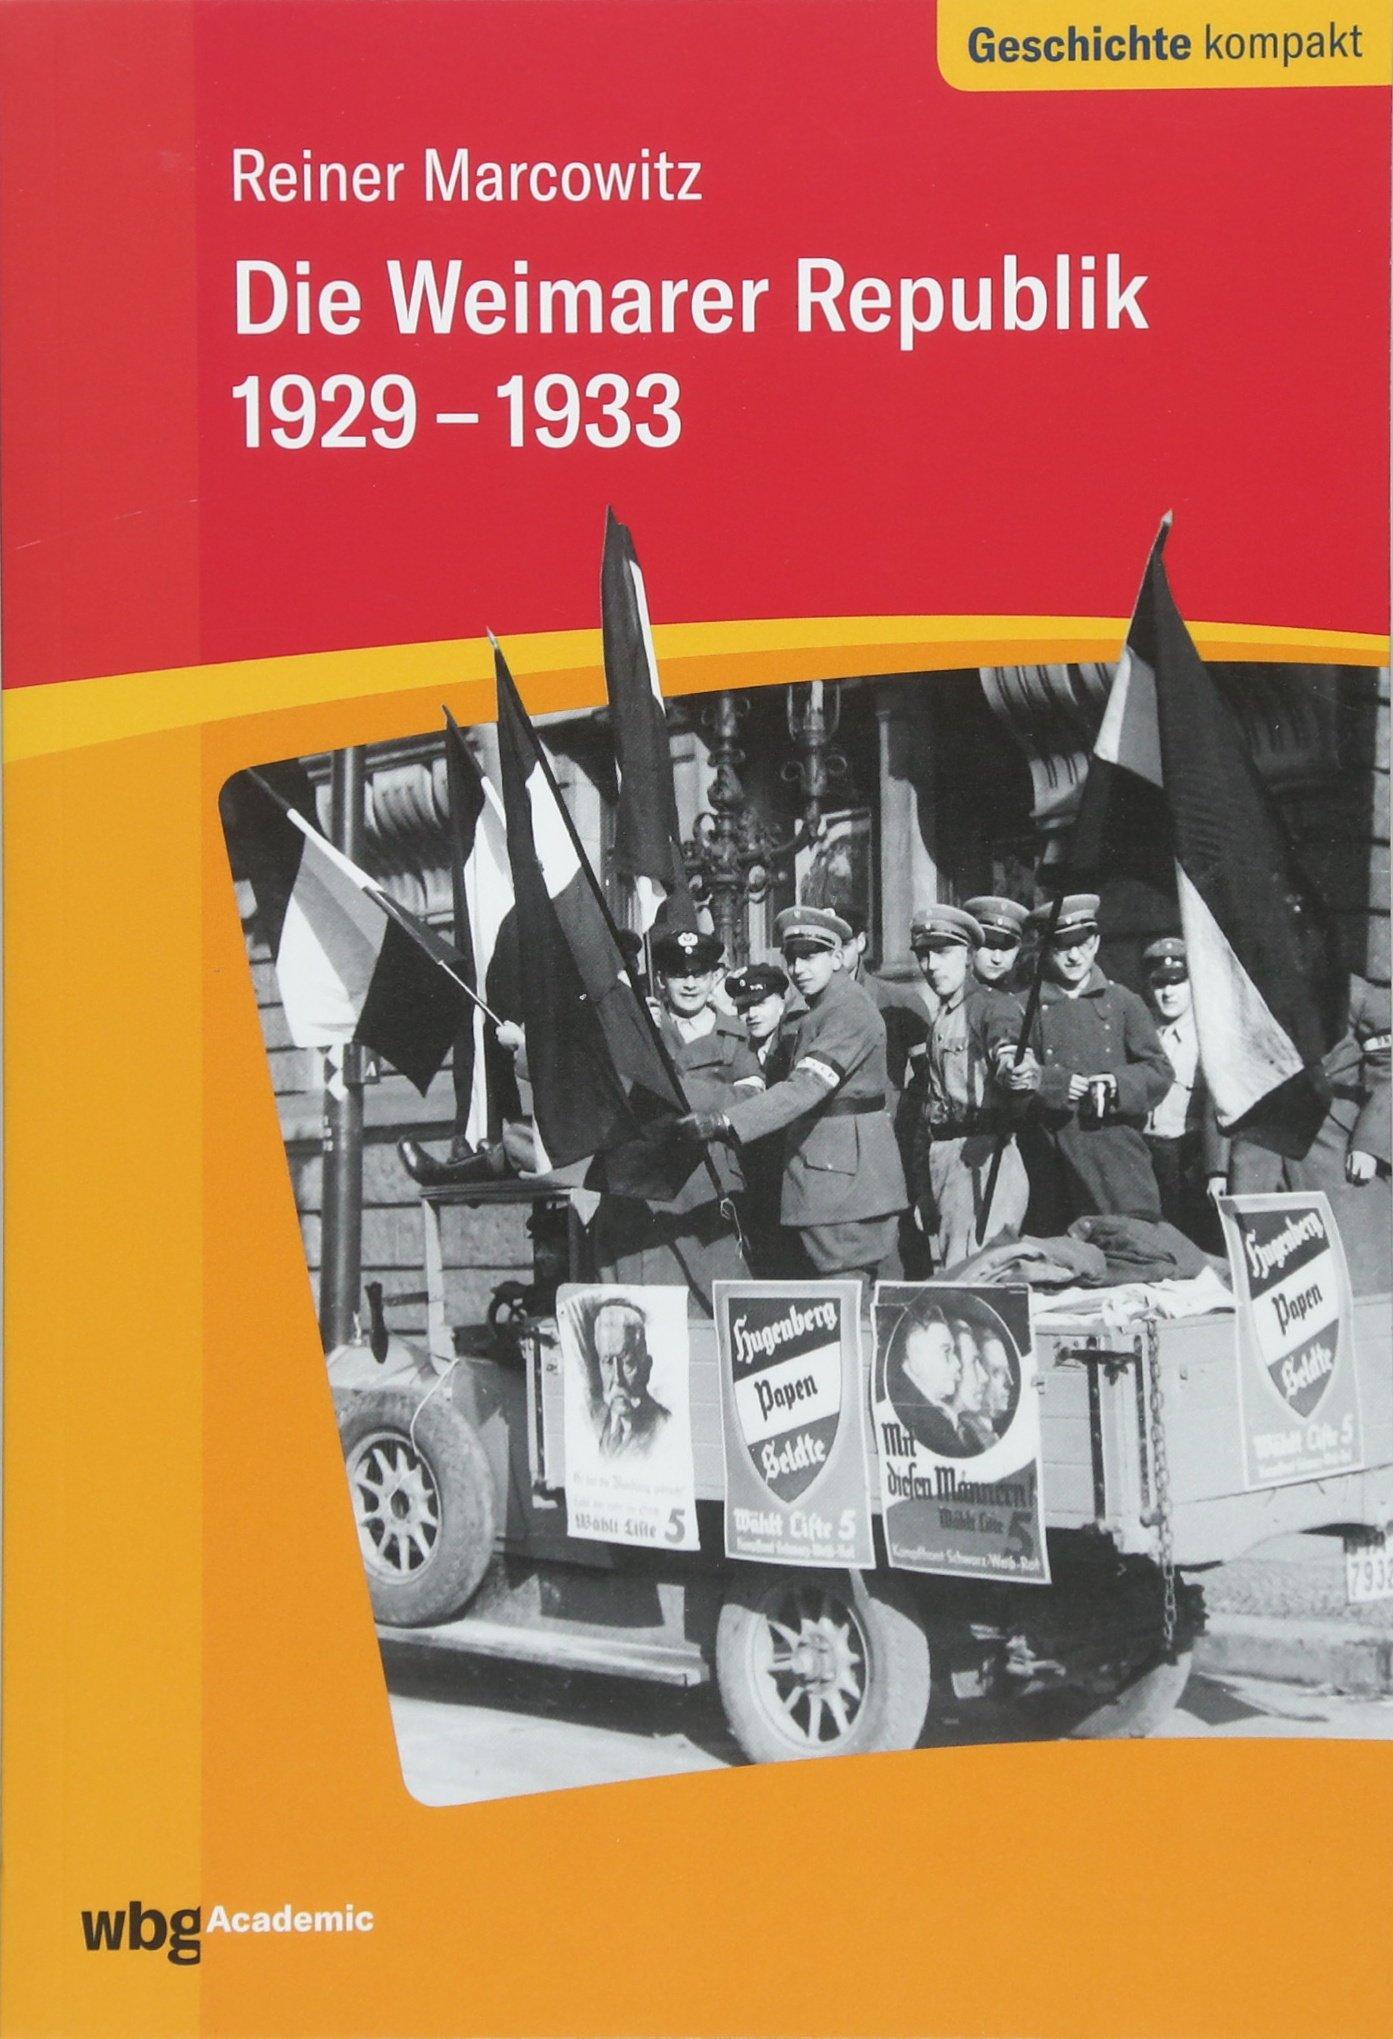 Die Weimarer Republik 1929-1933 (Geschichte kompakt)